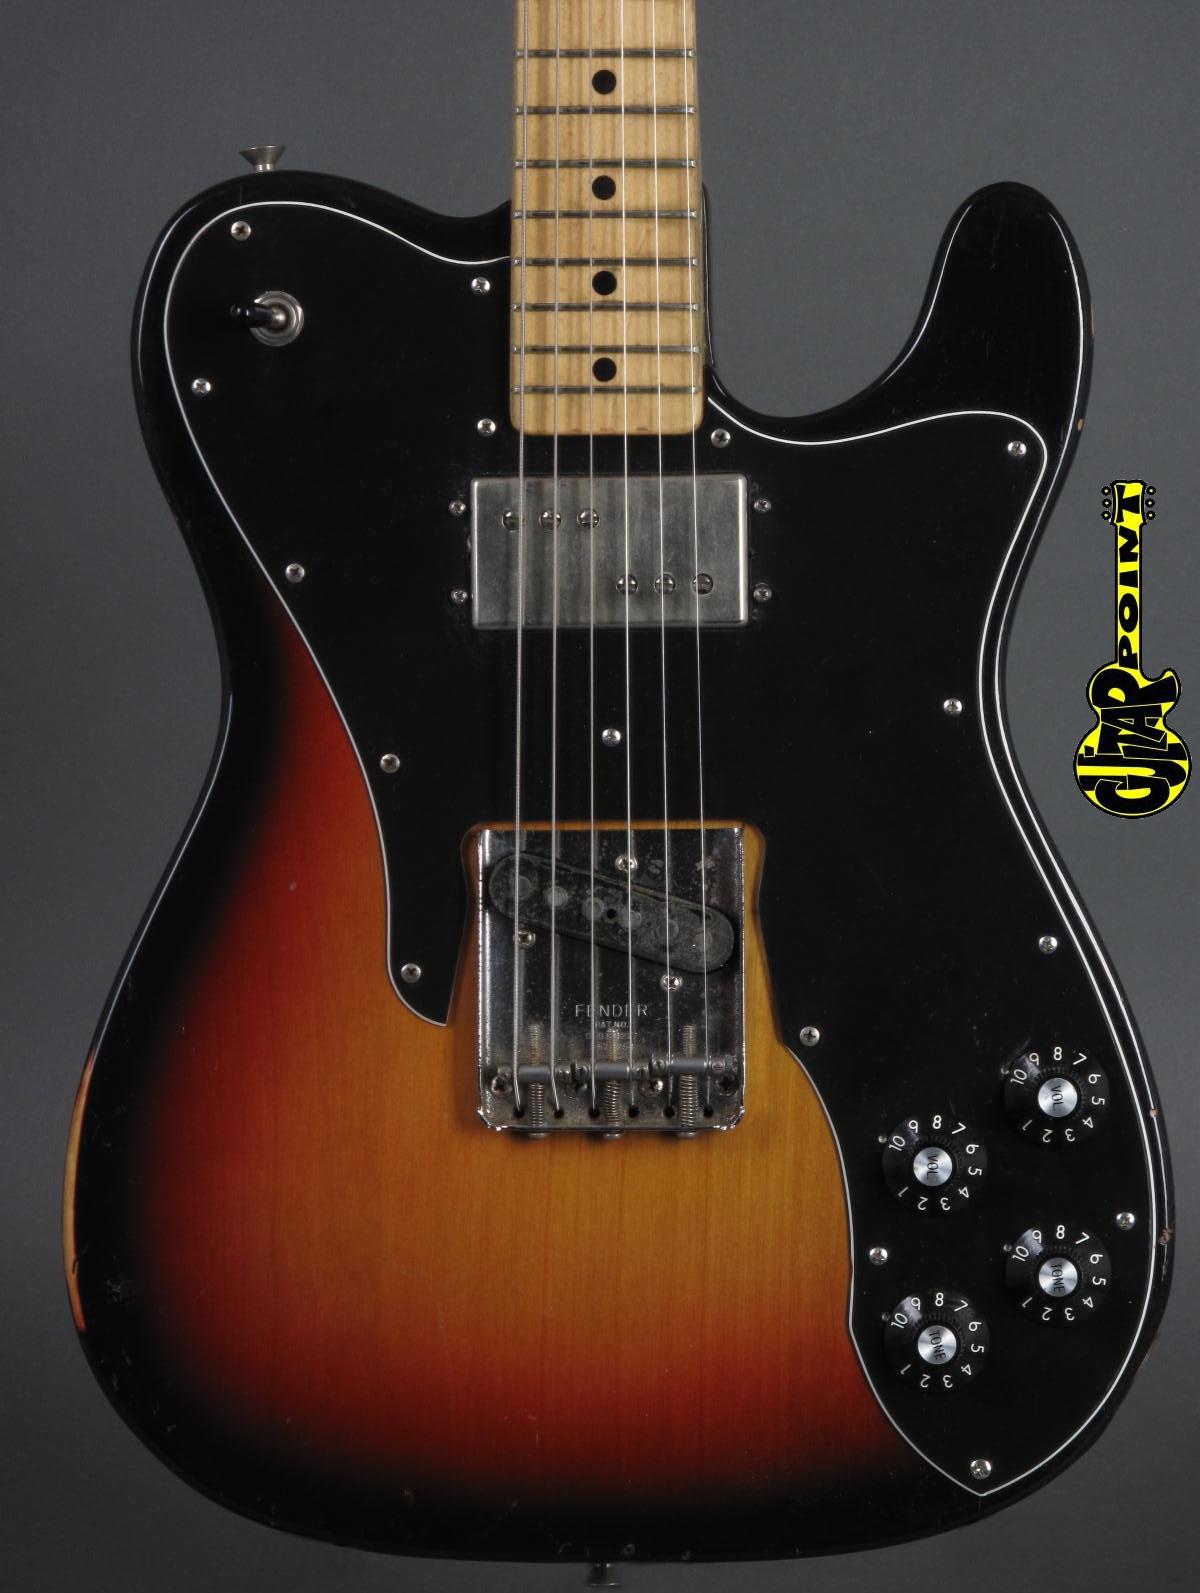 1973 Fender Telecaster Custom -  3-tone Sunburst